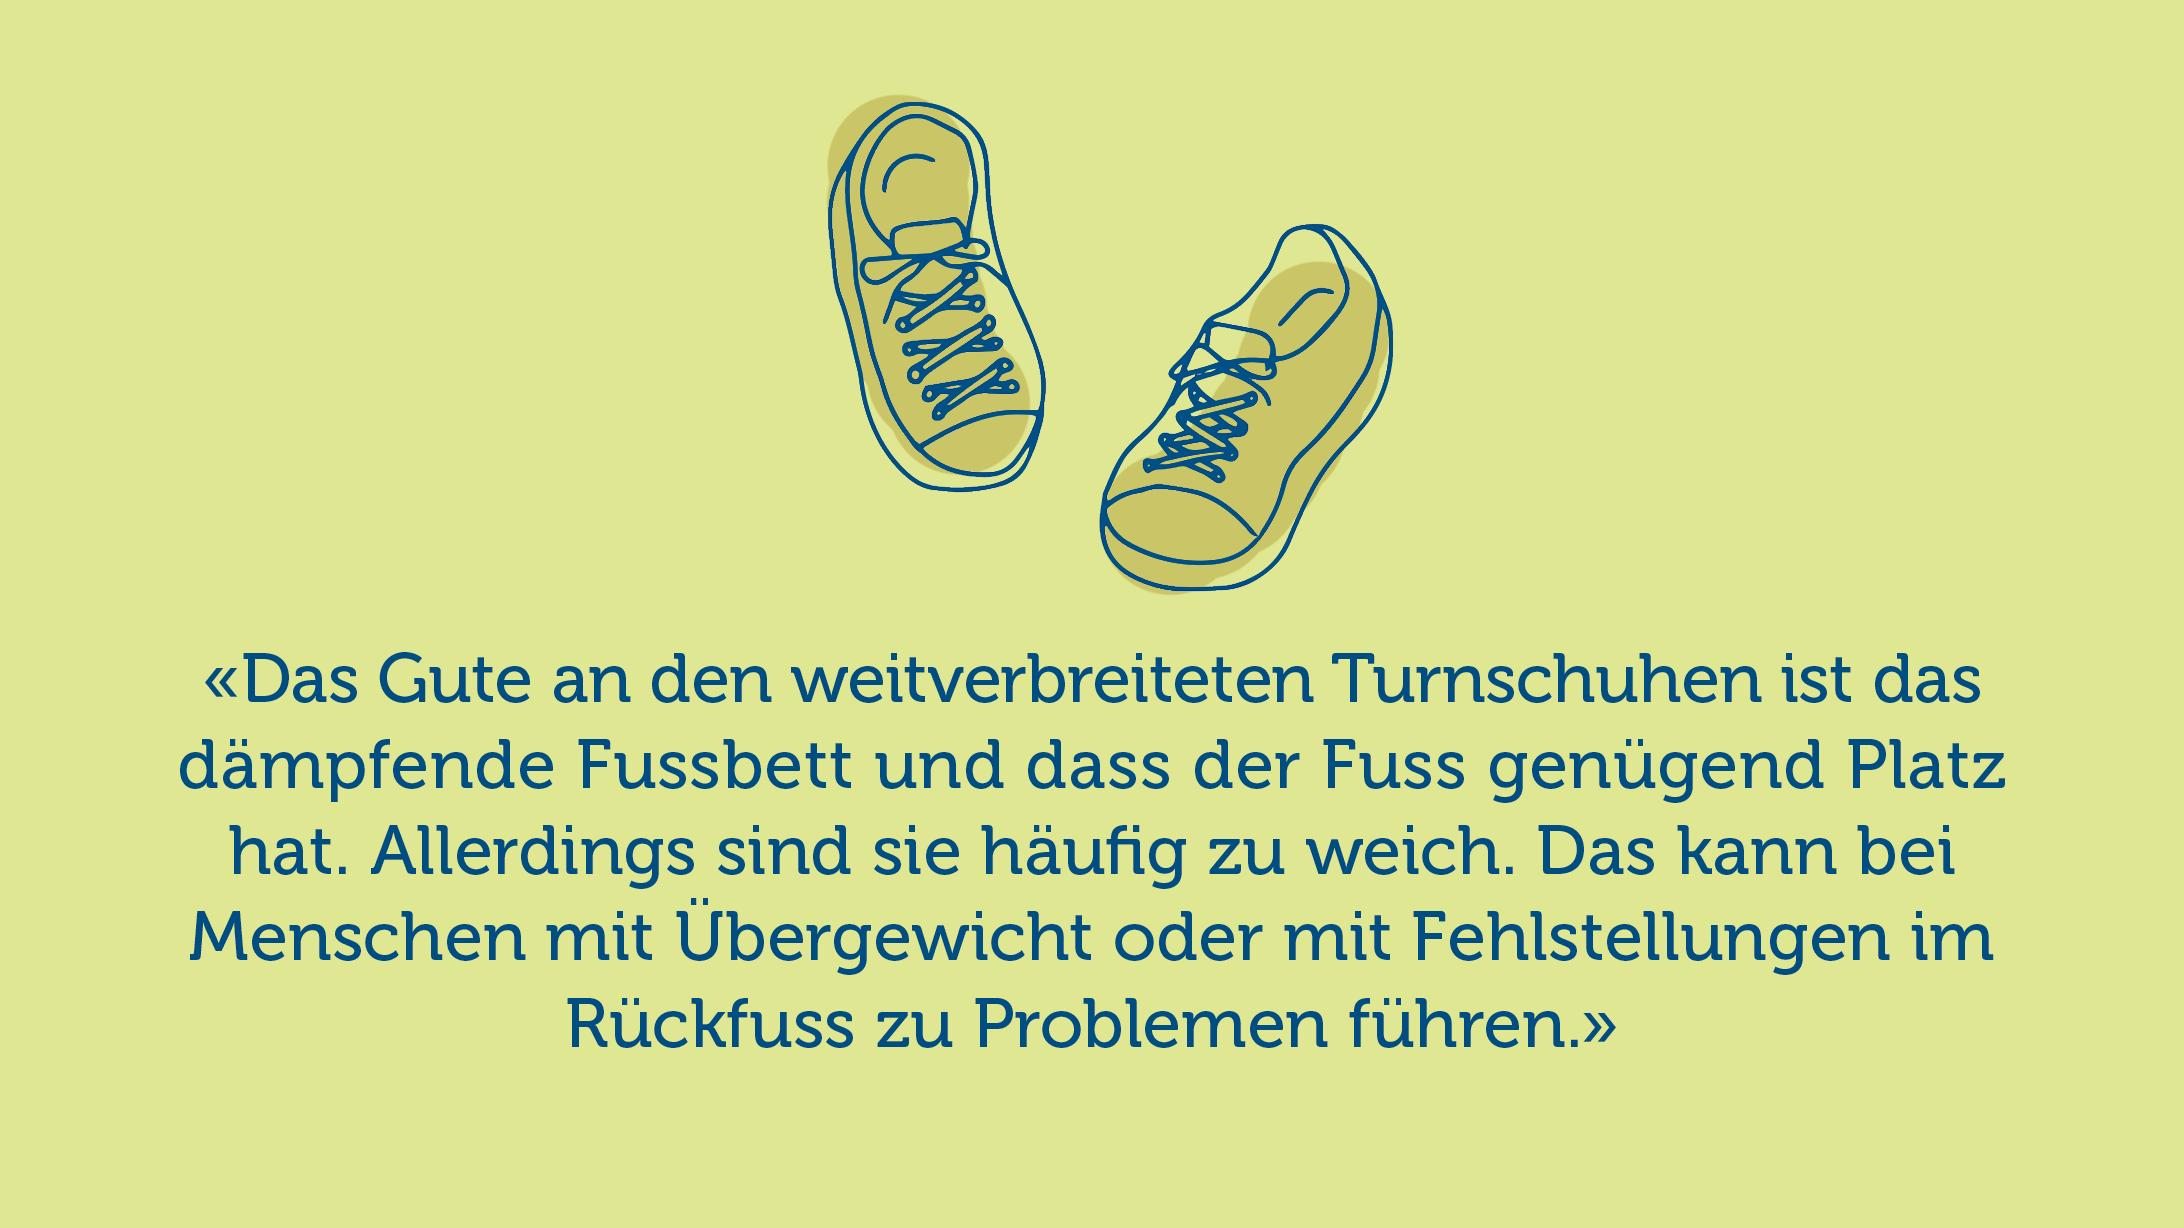 Illustration von Turnschuhen und Einschätzung von Experte.